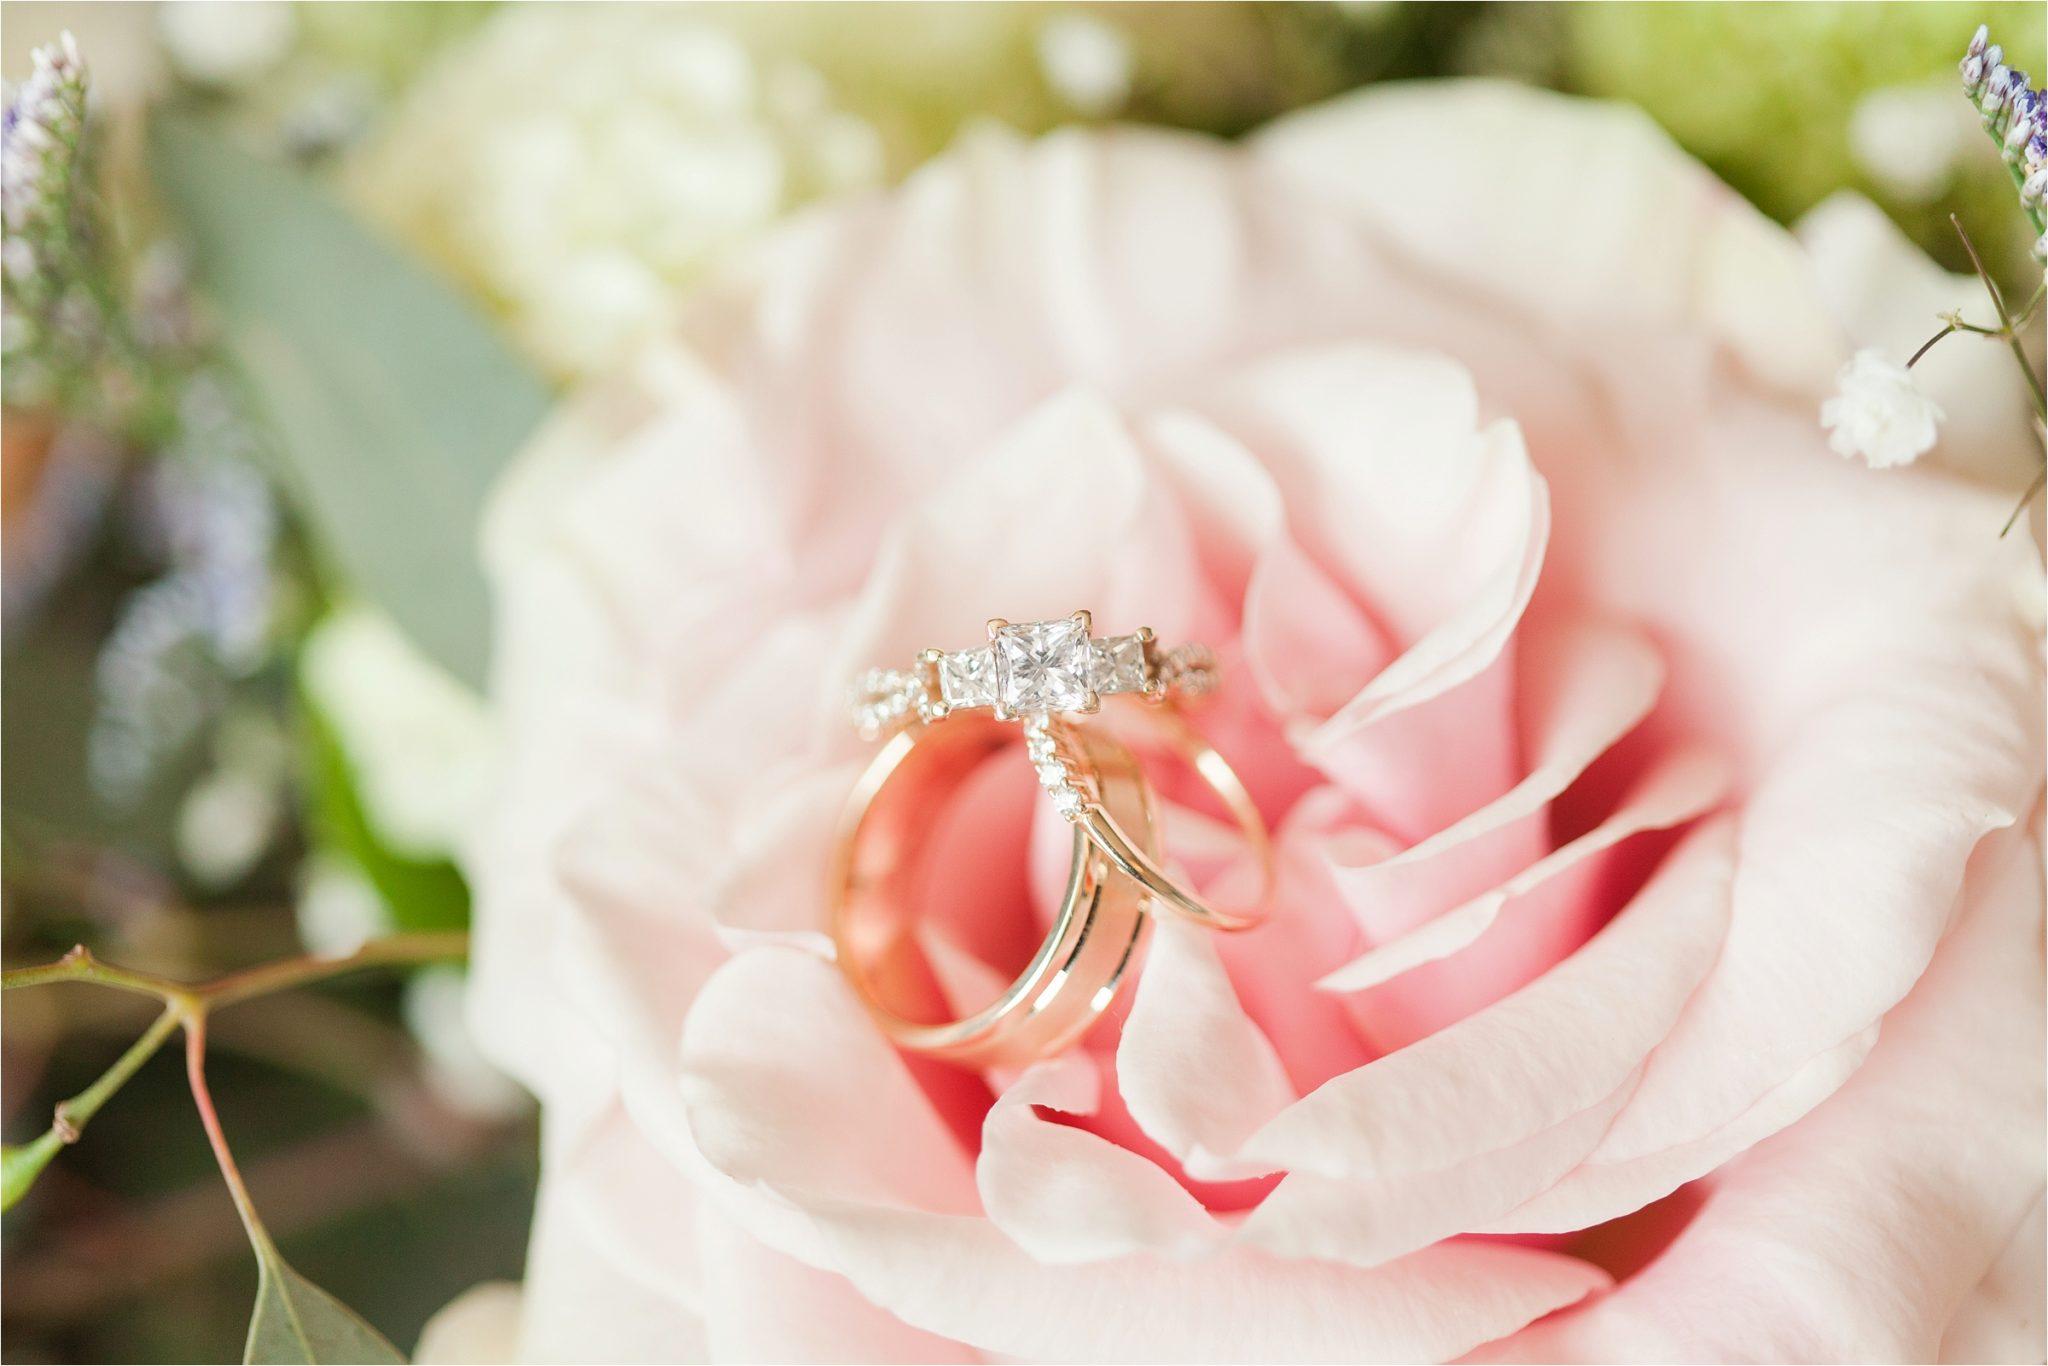 Kananaskis Canada Wedding at the Delta Lodge-Kaitlin & Ricky-Alabama wedding photographer-Lodge wedding-Wedding rings